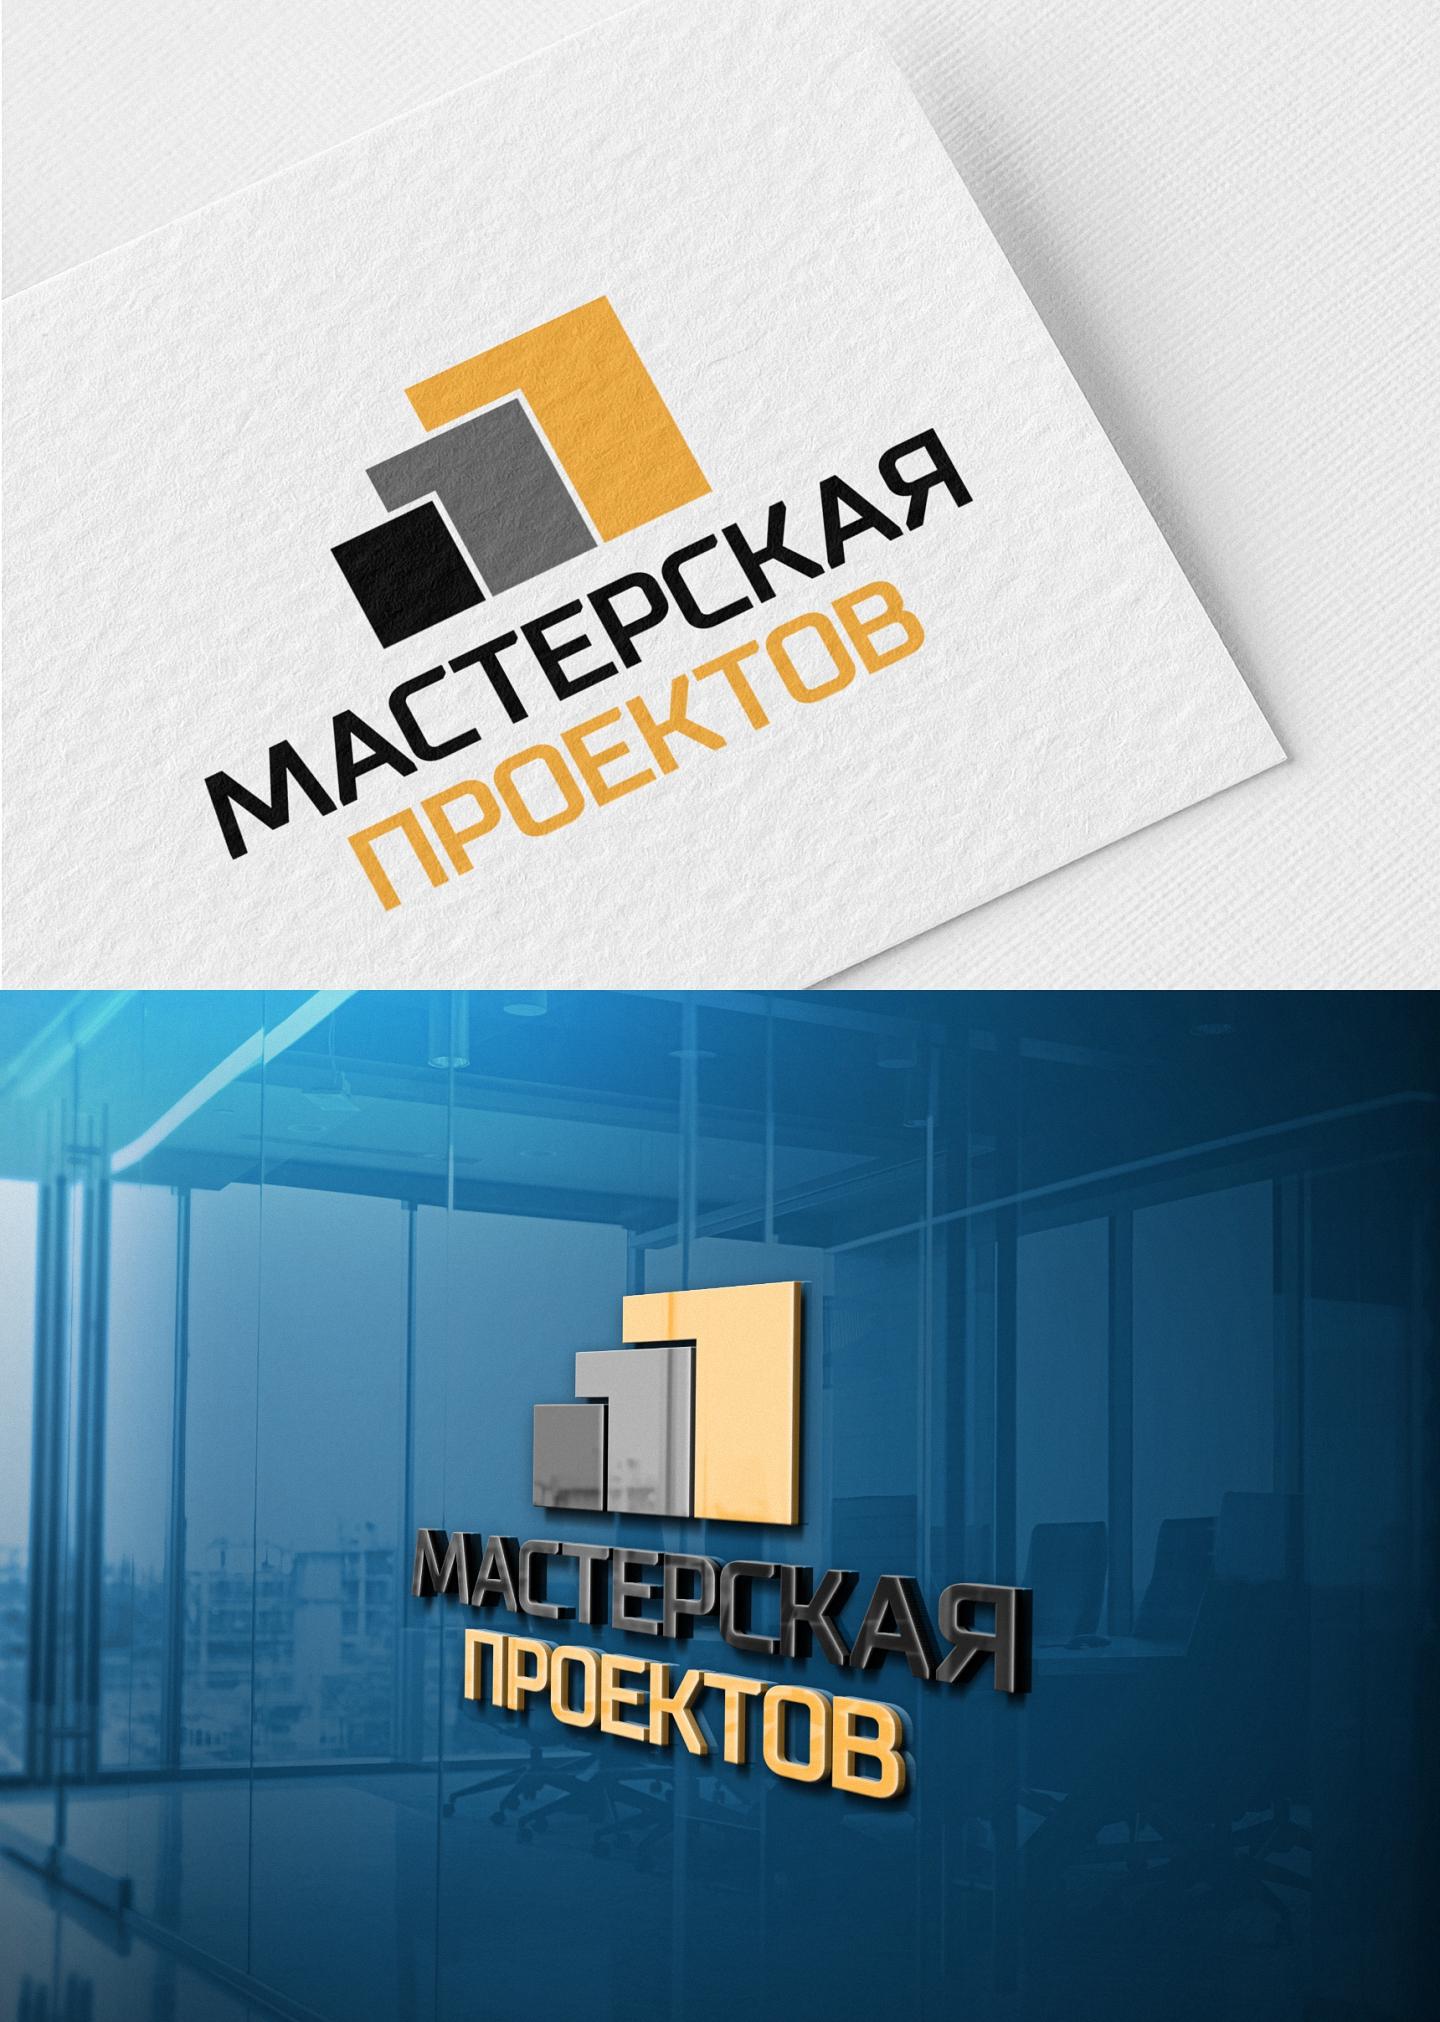 Разработка логотипа строительно-мебельного проекта (см. опис фото f_029606e313876797.jpg